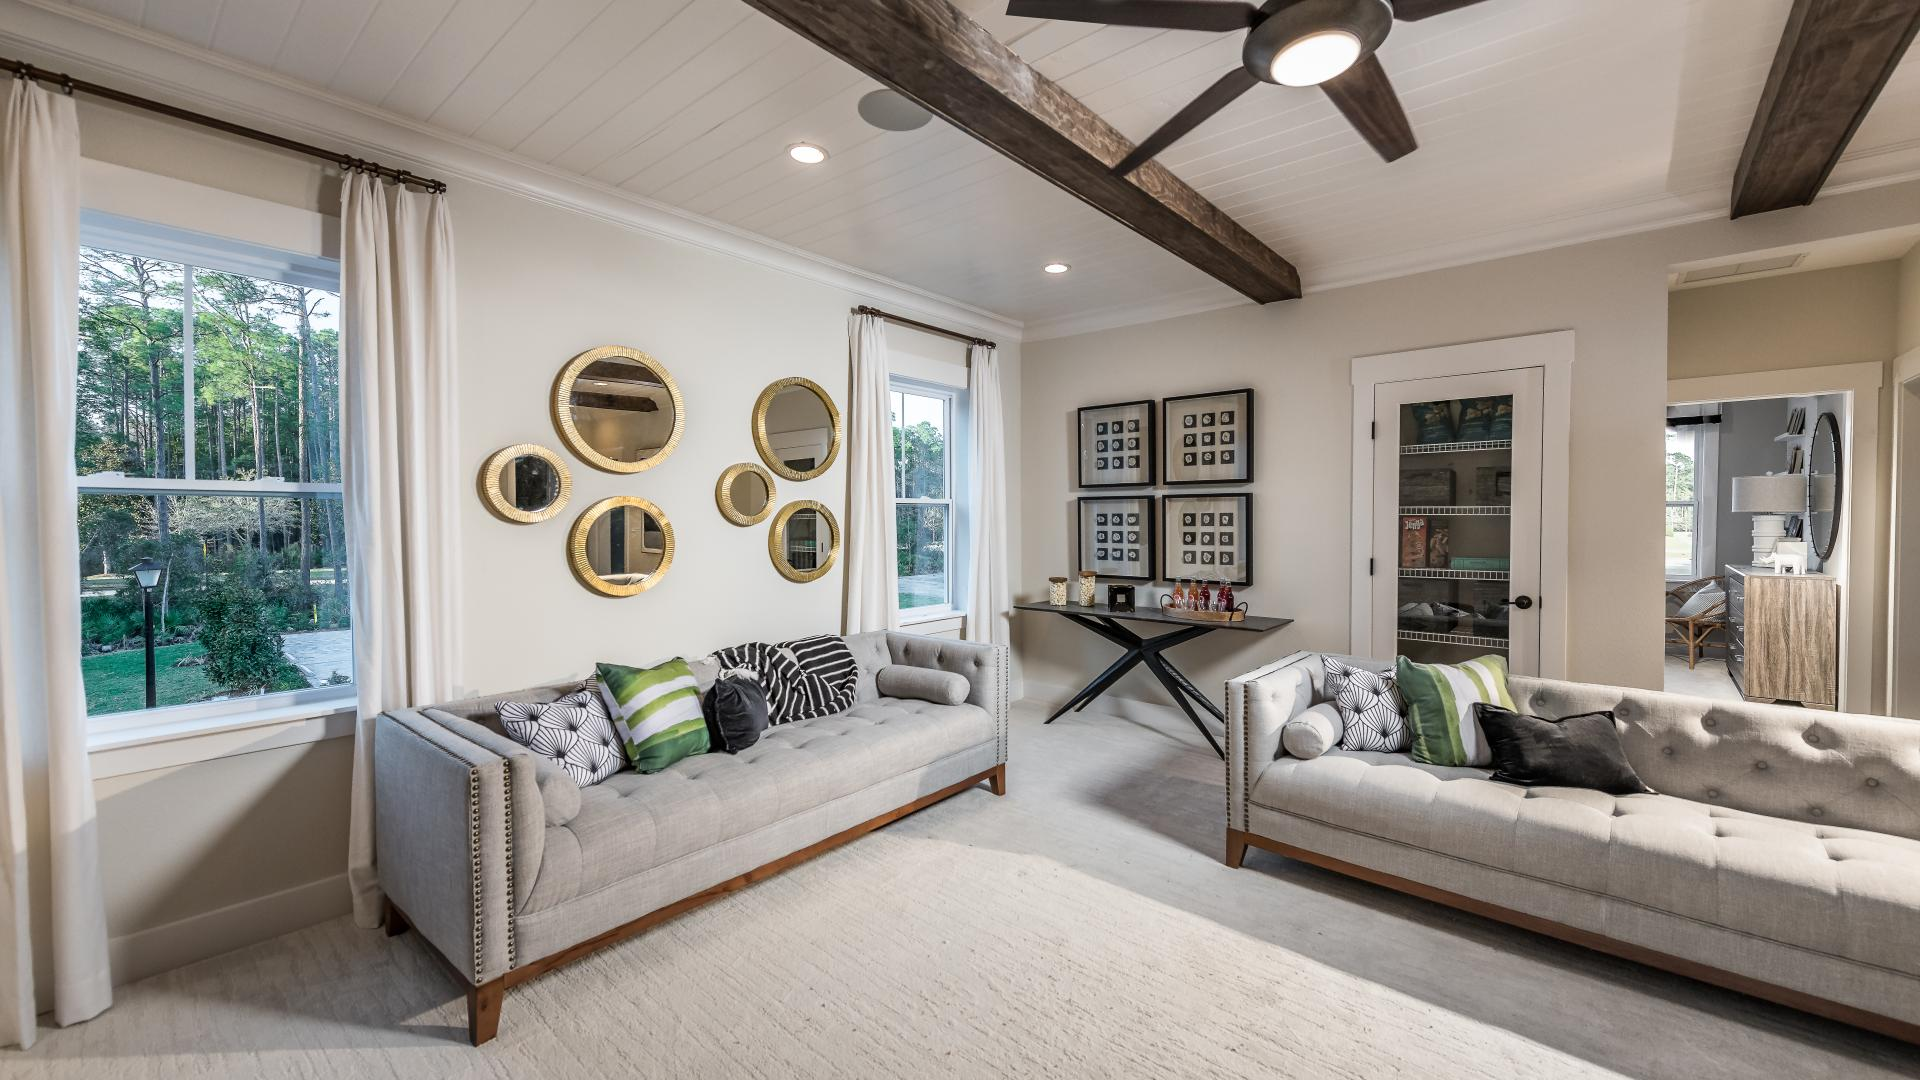 Cozy lofts